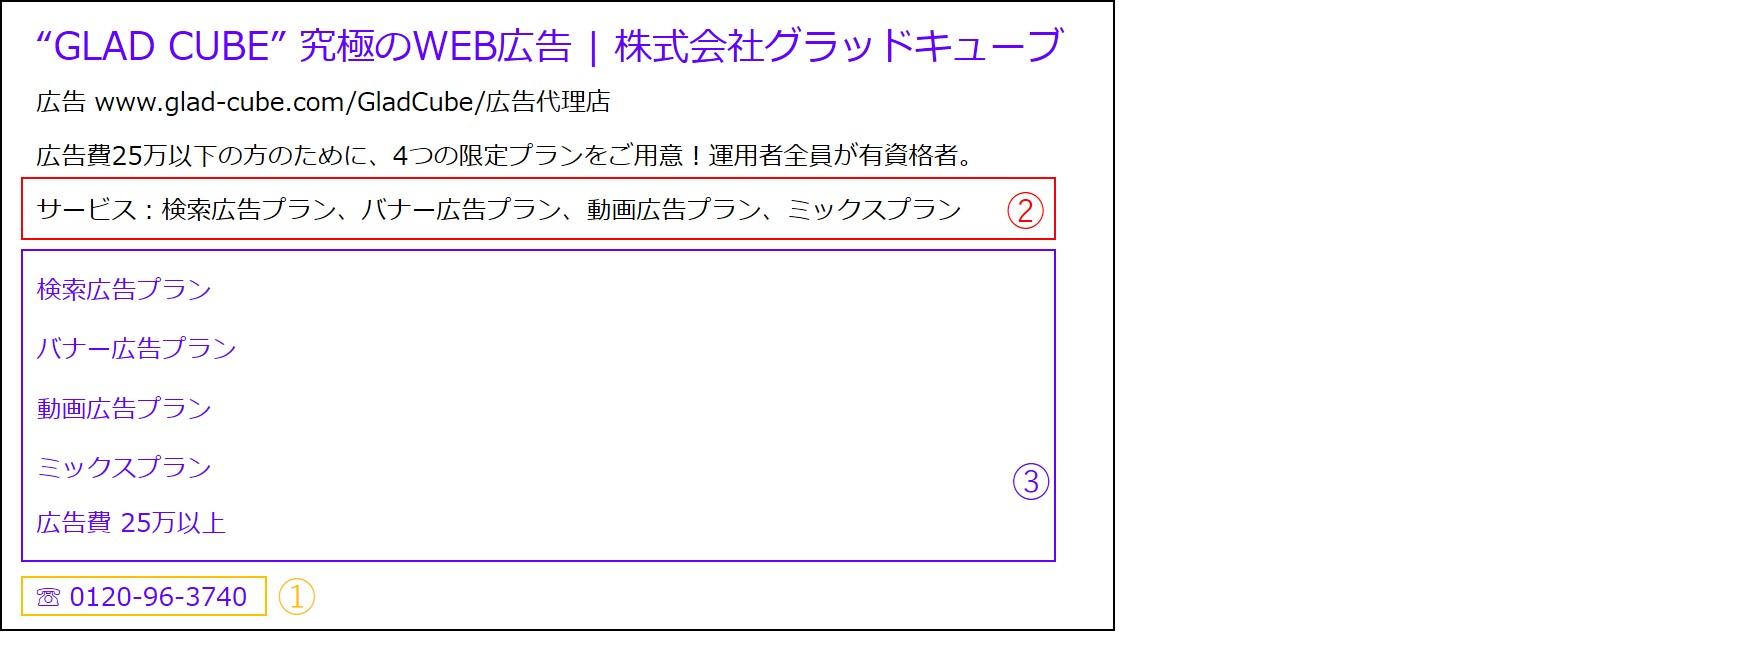 図2 表示オプション